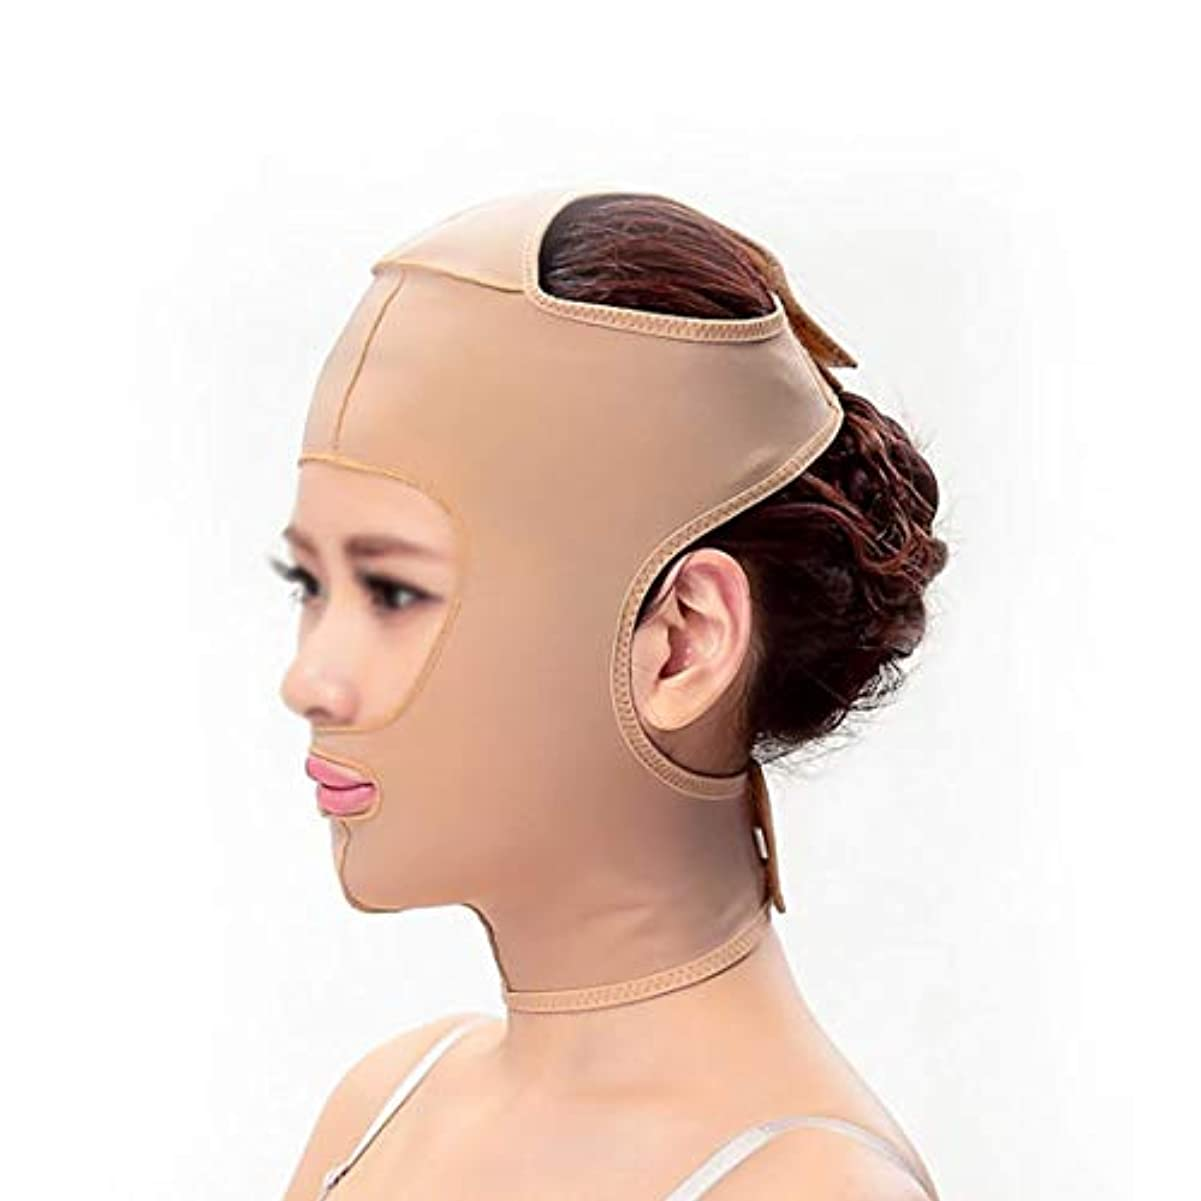 スケート成功するセレナスリミングベルト、二重あごの引き締め顔面プラスチックフェイスアーティファクト強力なフェイスバンデージをサイズアップするために顔面マスクシンフェイスマスク,Xl